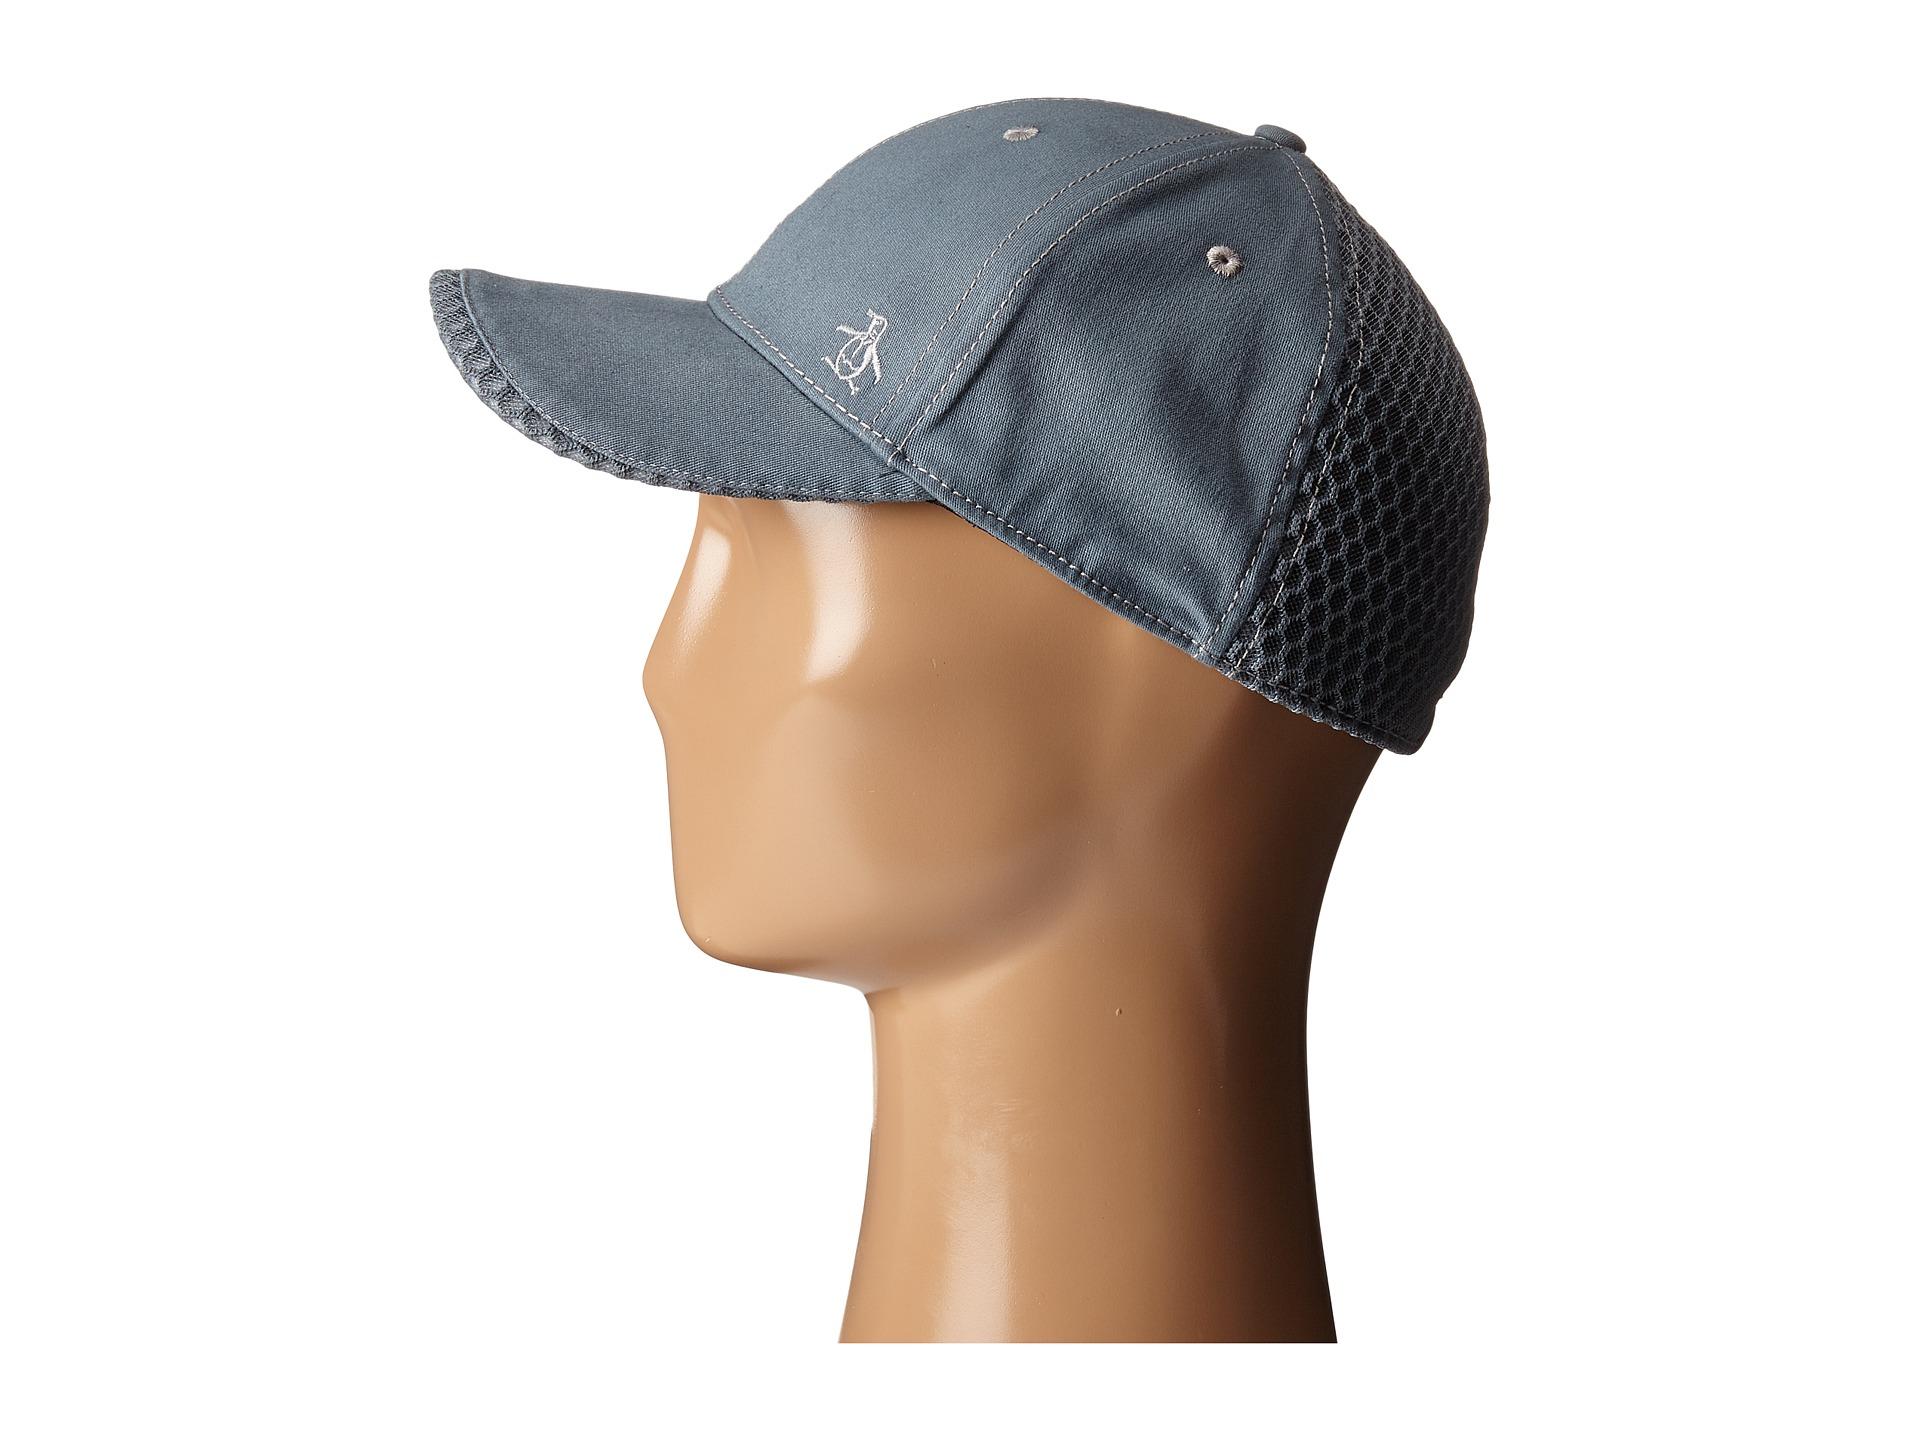 09833675b8a3e Lyst - Original Penguin Stretch Fit Baseball Cap in Gray for Men